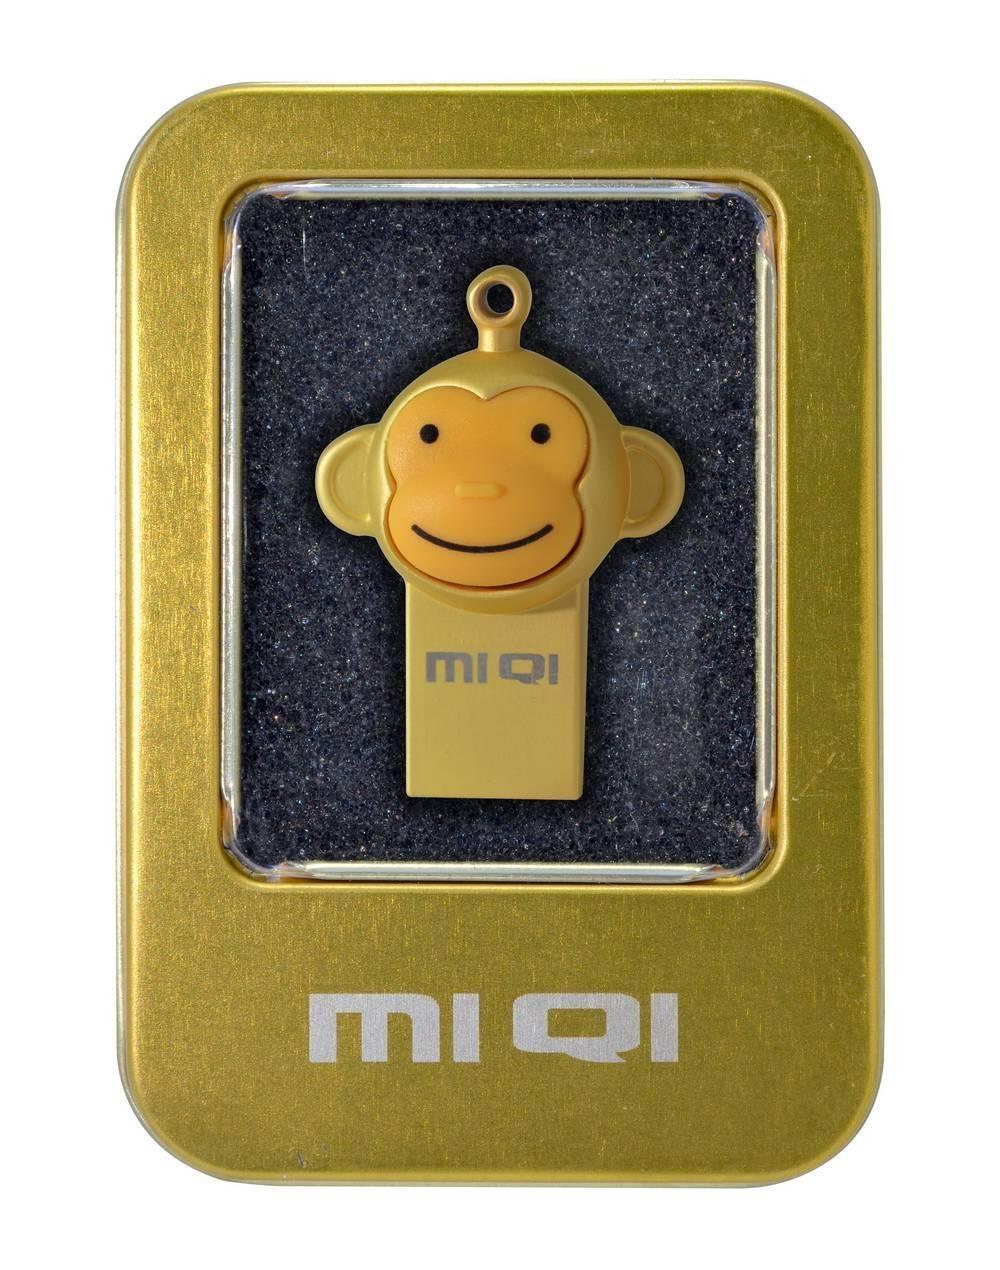 USB 2.0 MIQI Flash Drive M1 4GB Χρυσαφί Metal